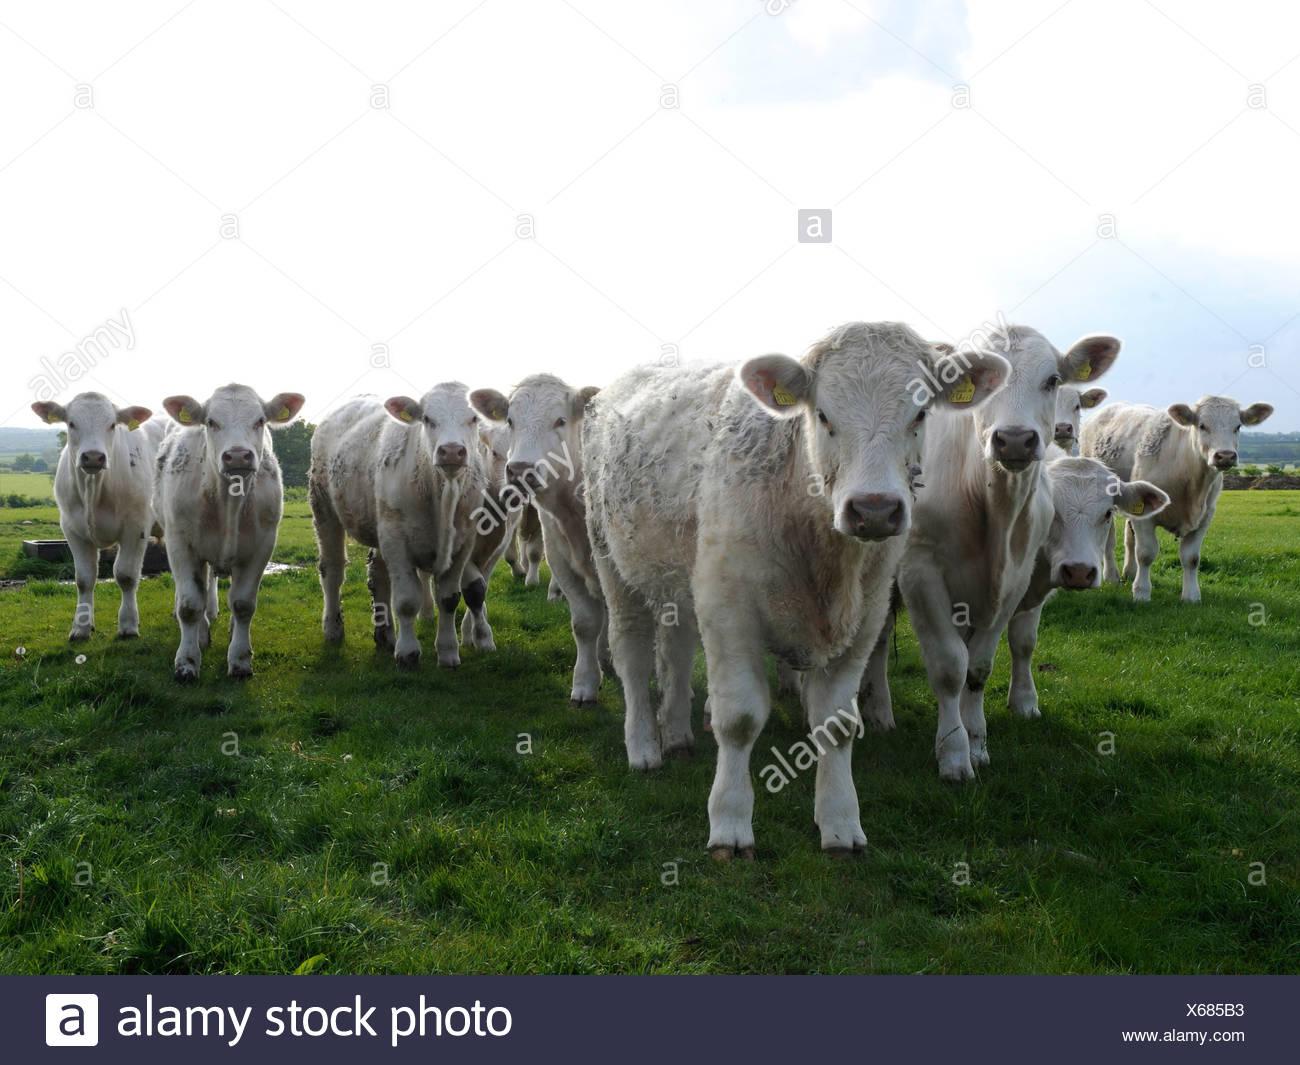 Une ligne de vaches blanches, les vaches sont en colère. Photo Stock